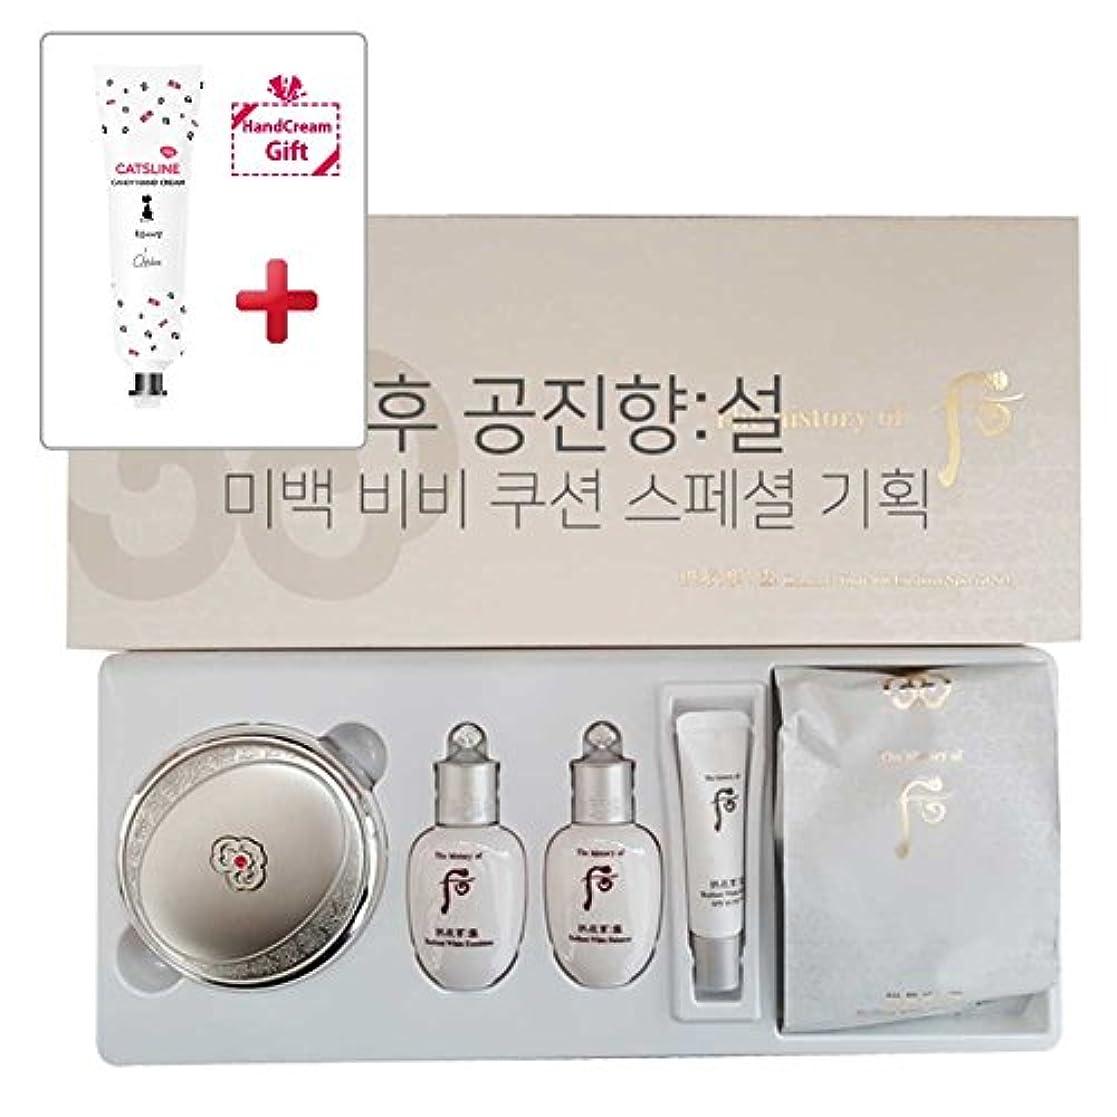 服を片付けるおもてなし完全に乾く【フー/The history of whoo] Whoo后 Seol Whitening BB cushion special/美白ビビクッションスペシャル企画 +[Sample Gift](海外直送品)